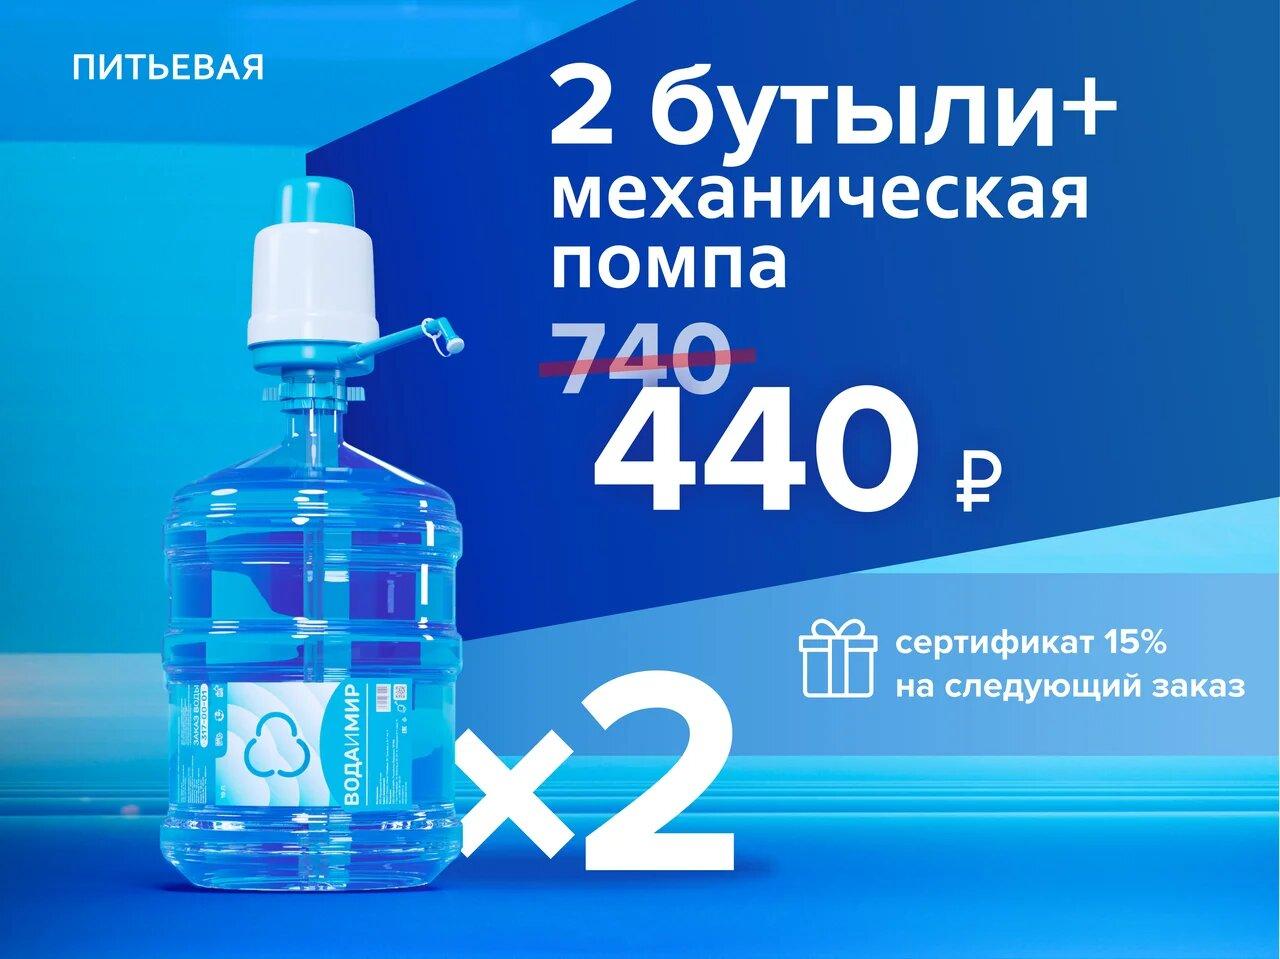 Питьевая вода мех. помпа х2